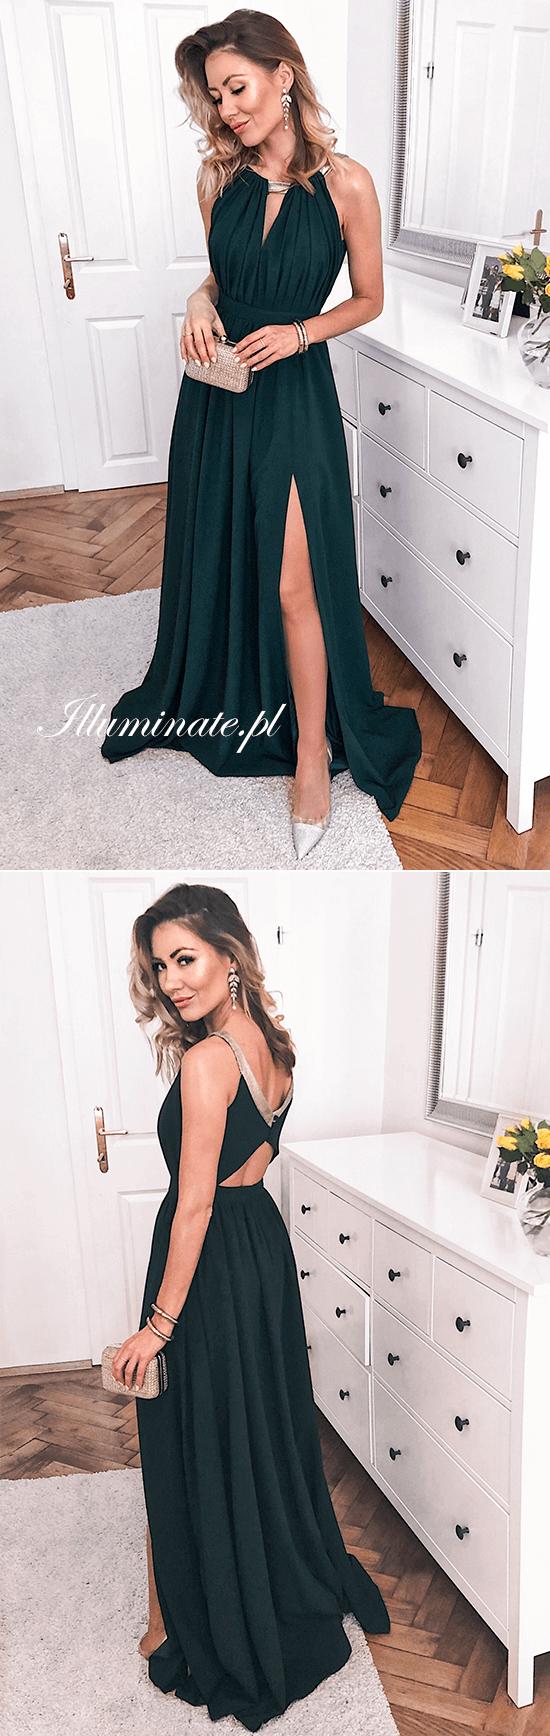 Dluga Zielona Sukienka Rzymianka Dla Druhny Na Wesele Elisa Prom Night Dress Dark Green Prom Dresses Green Prom Dress